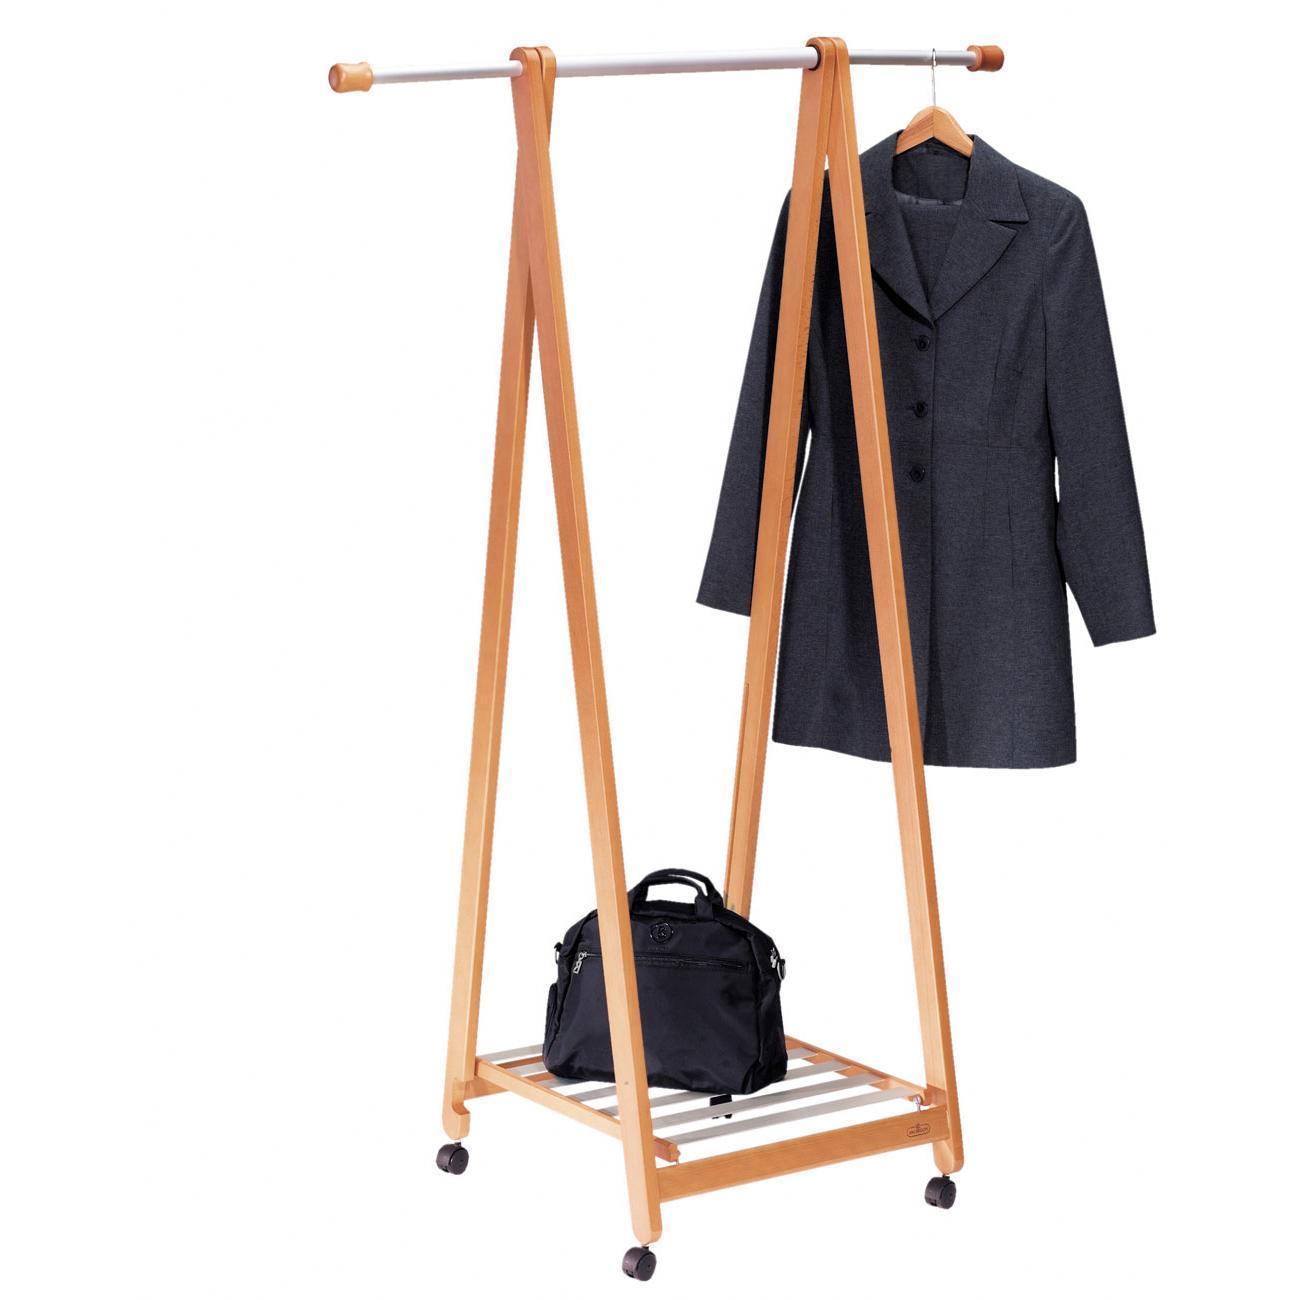 garderobe buche preisvergleich die besten angebote online kaufen. Black Bedroom Furniture Sets. Home Design Ideas